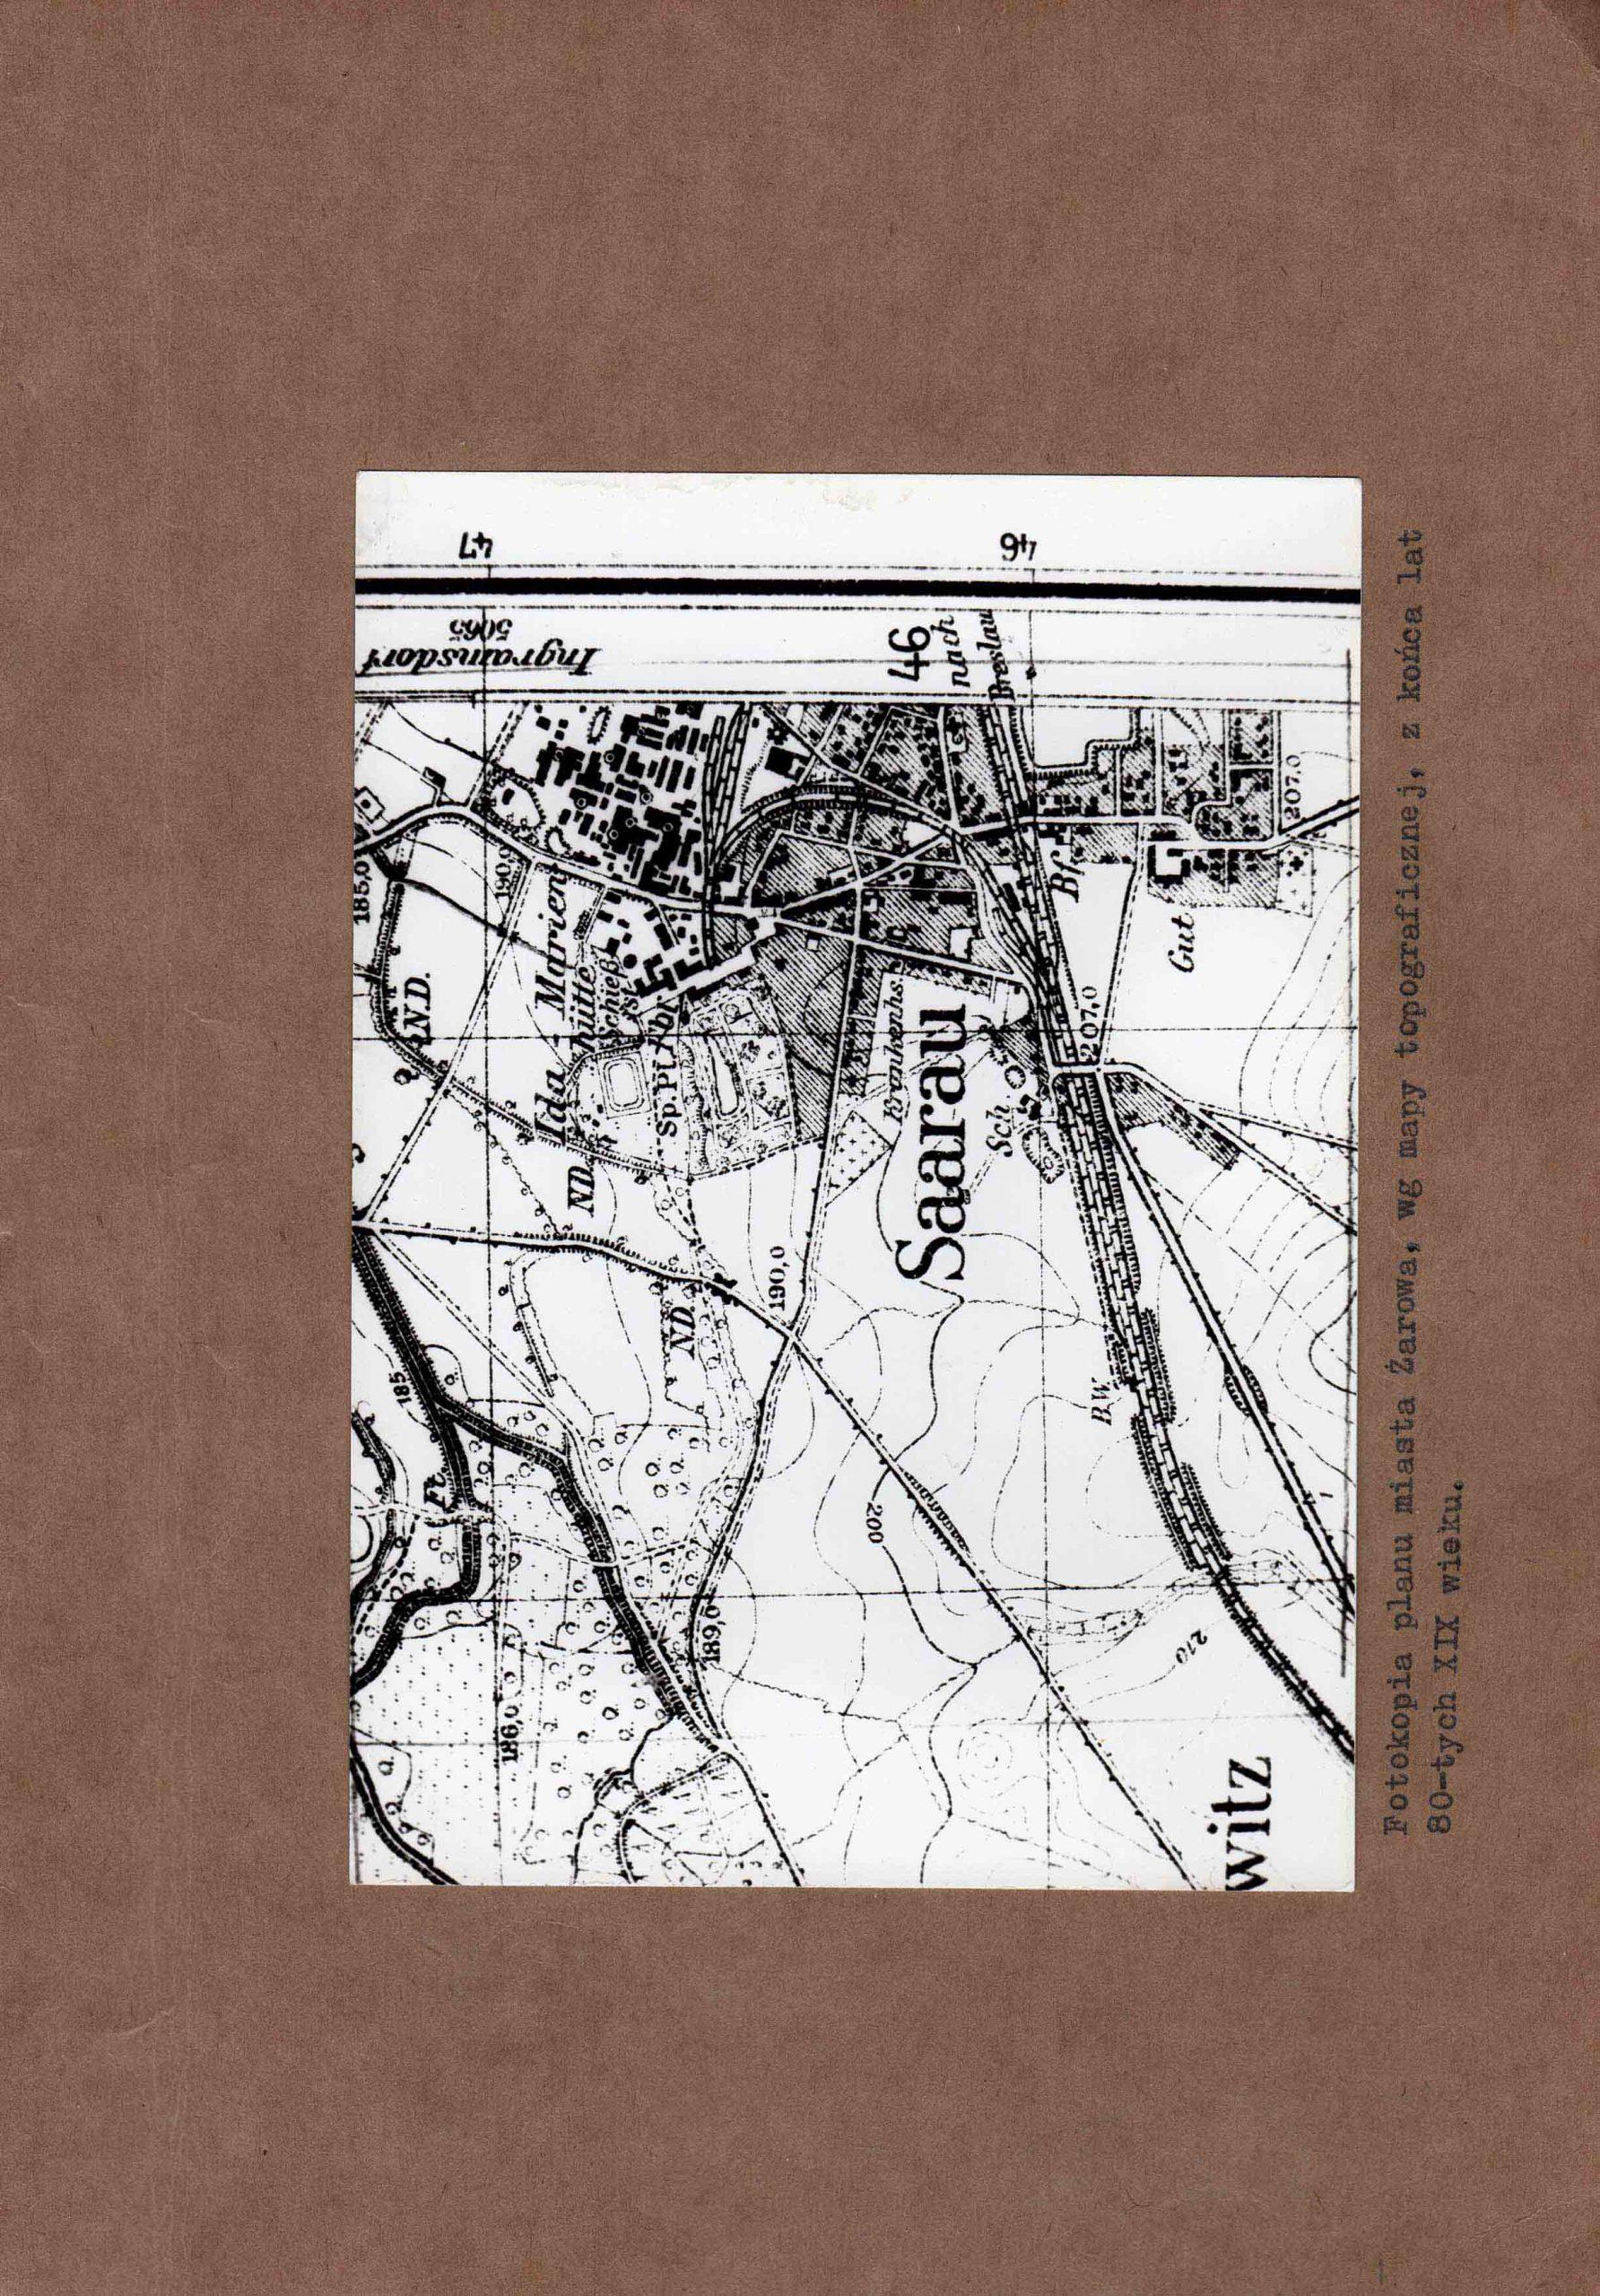 Ewidencja założenia ogrodowo-parkowego 1987 dokument (7)